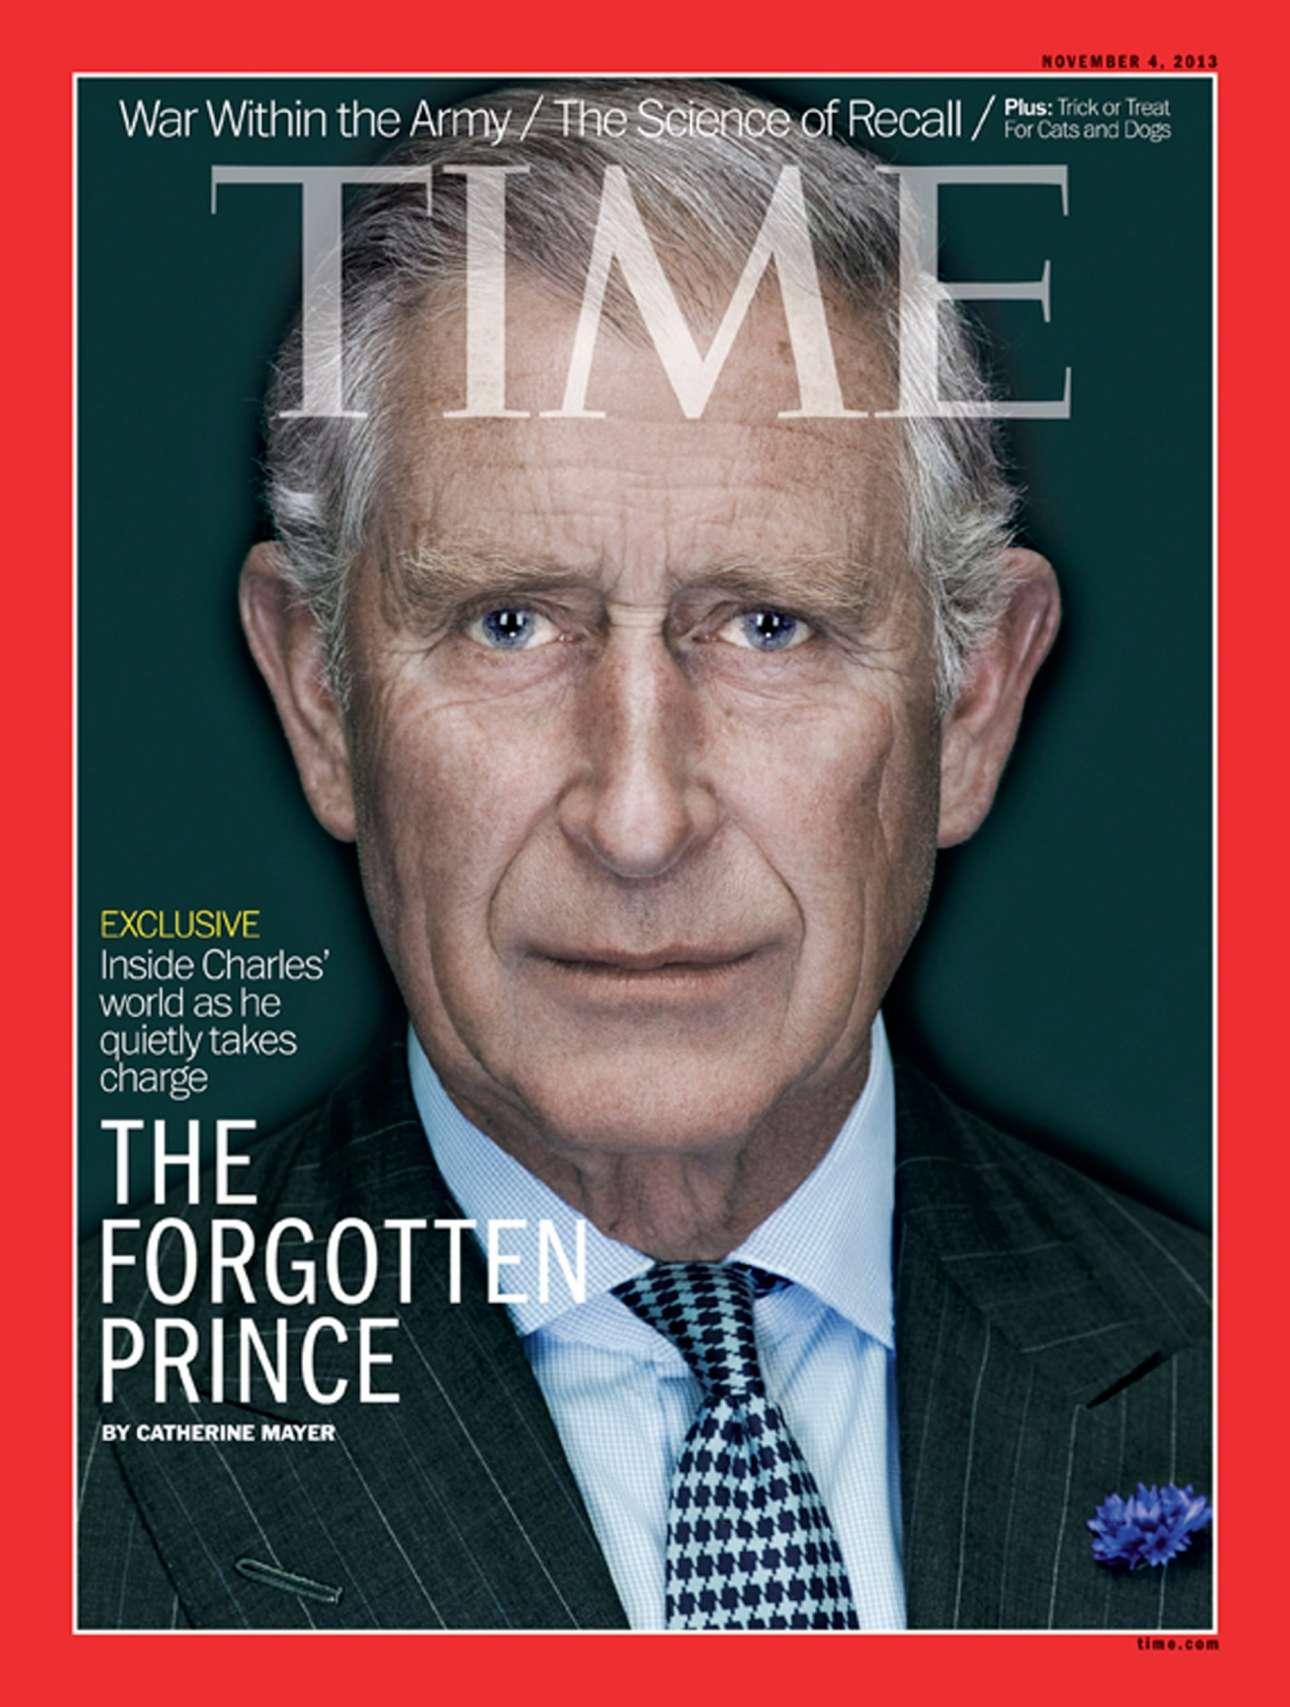 Ο Κάρολος είναι ο «ξεχασμένος πρίγκιπας» σε αυτό το εξώφυλλο από το 2013 που συνοδεύει ένα άρθρο για το πώς διακριτικά αναλαμβάνει εξουσίες